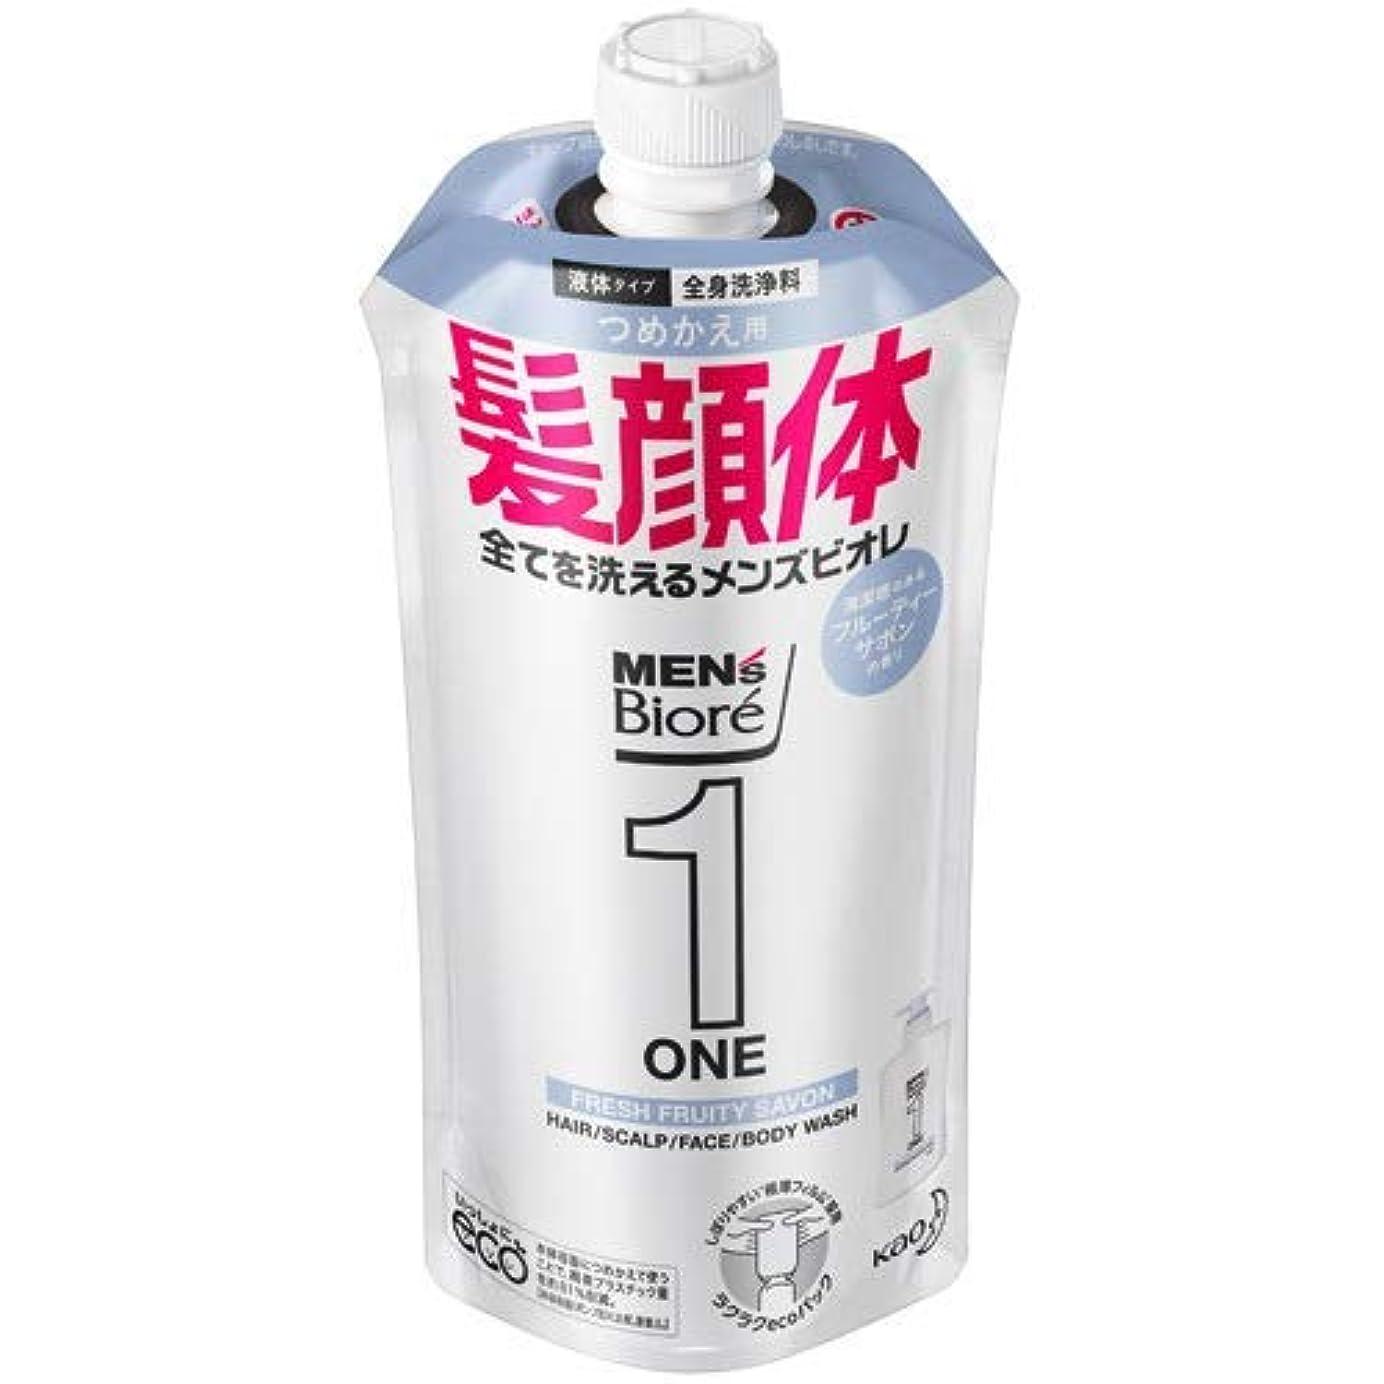 どうやって周術期フェザー【10個セット】メンズビオレONE オールインワン全身洗浄料 清潔感のあるフルーティーサボンの香り つめかえ用 340mL